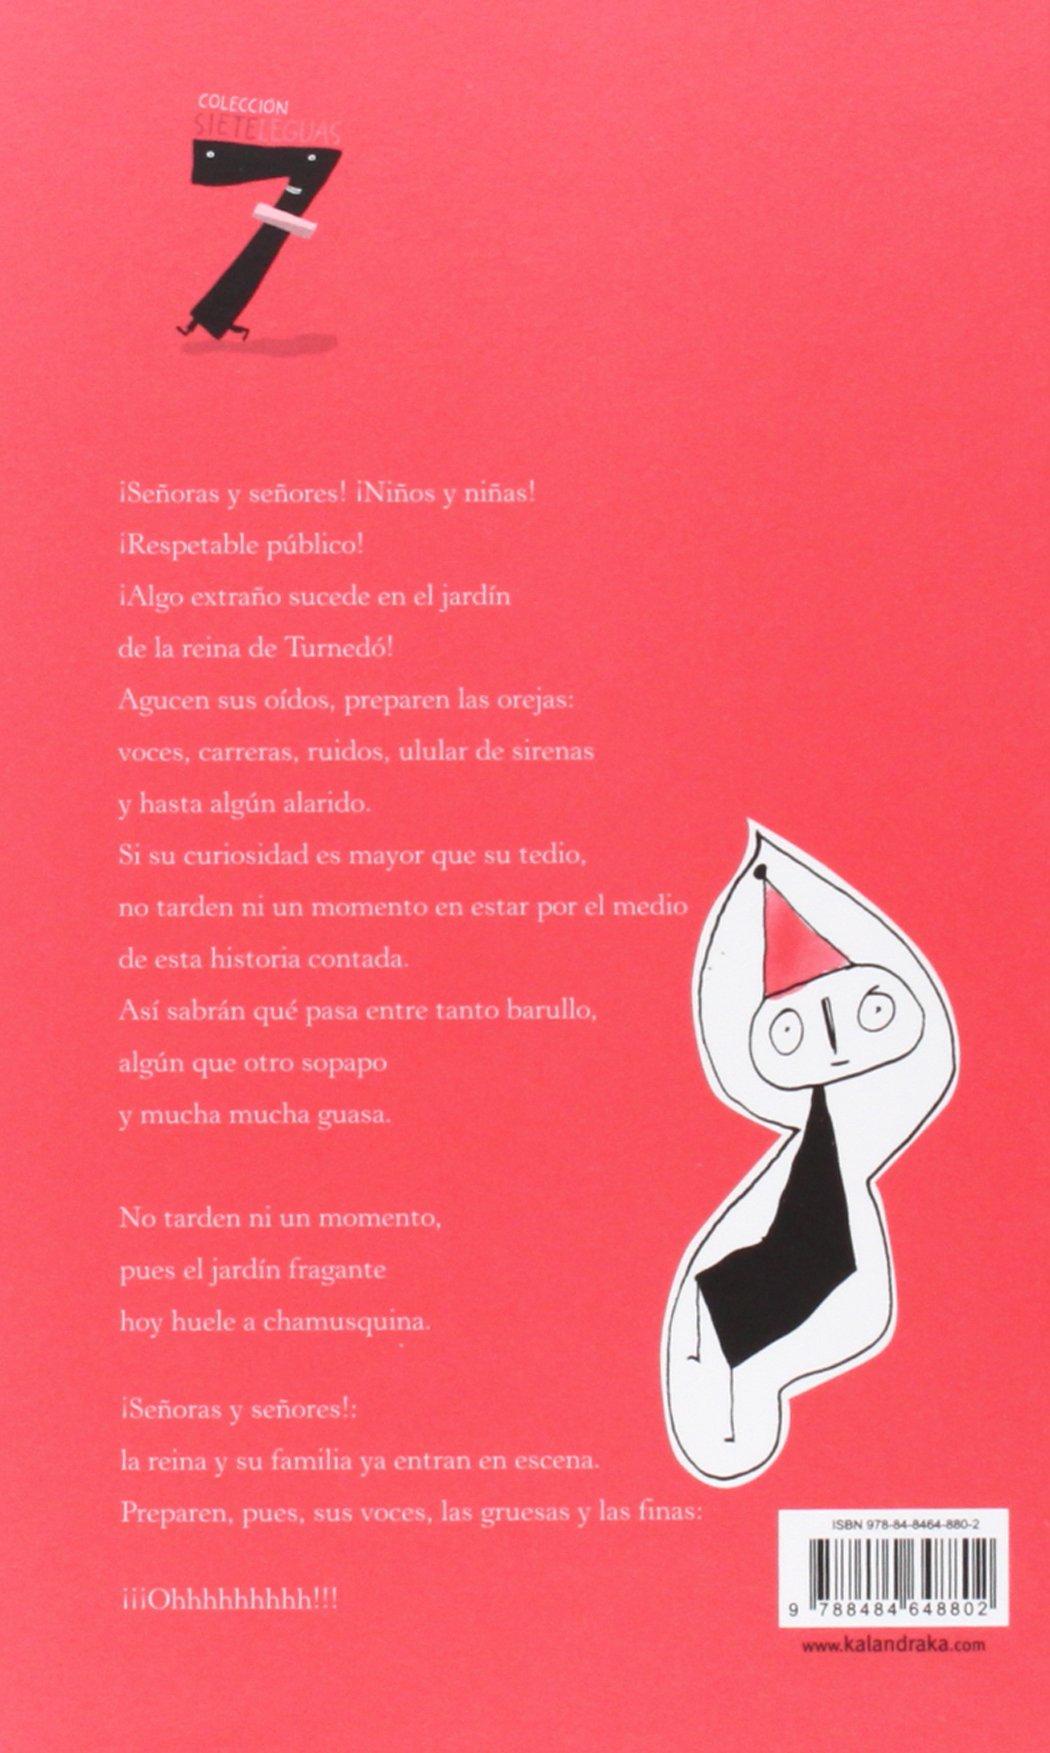 La reina de Turnedó (Sieteleguas): Amazon.es: Sánchez, Gloria, Otero, Pablo: Libros